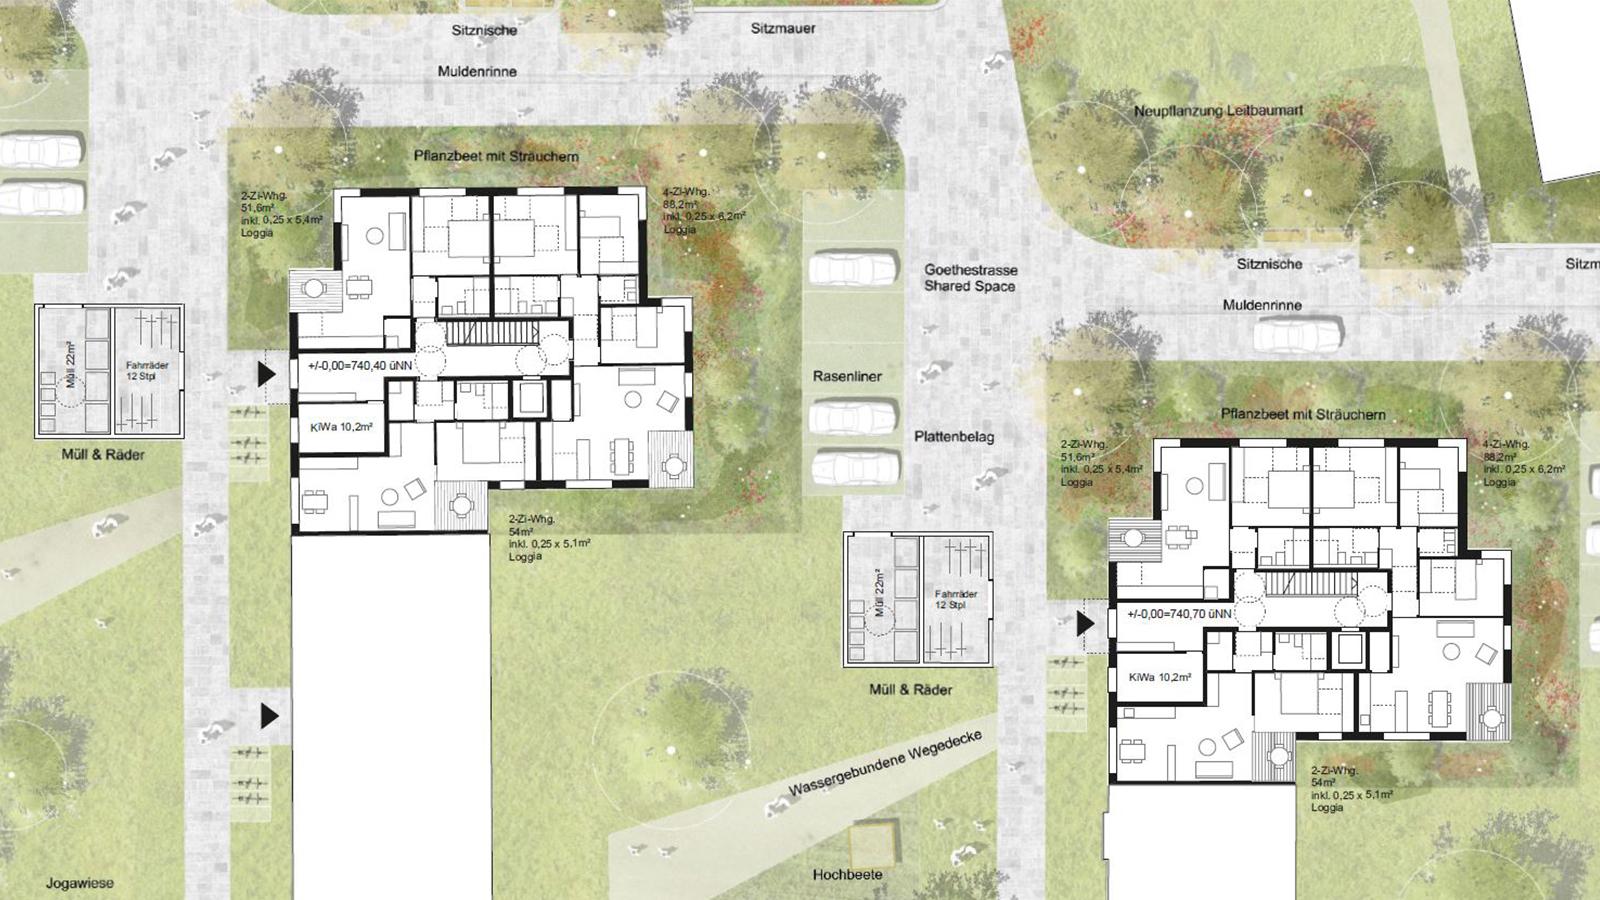 h2m-architekten-wettbewerb-goethequartier-grundriss-eg-kopfbauten